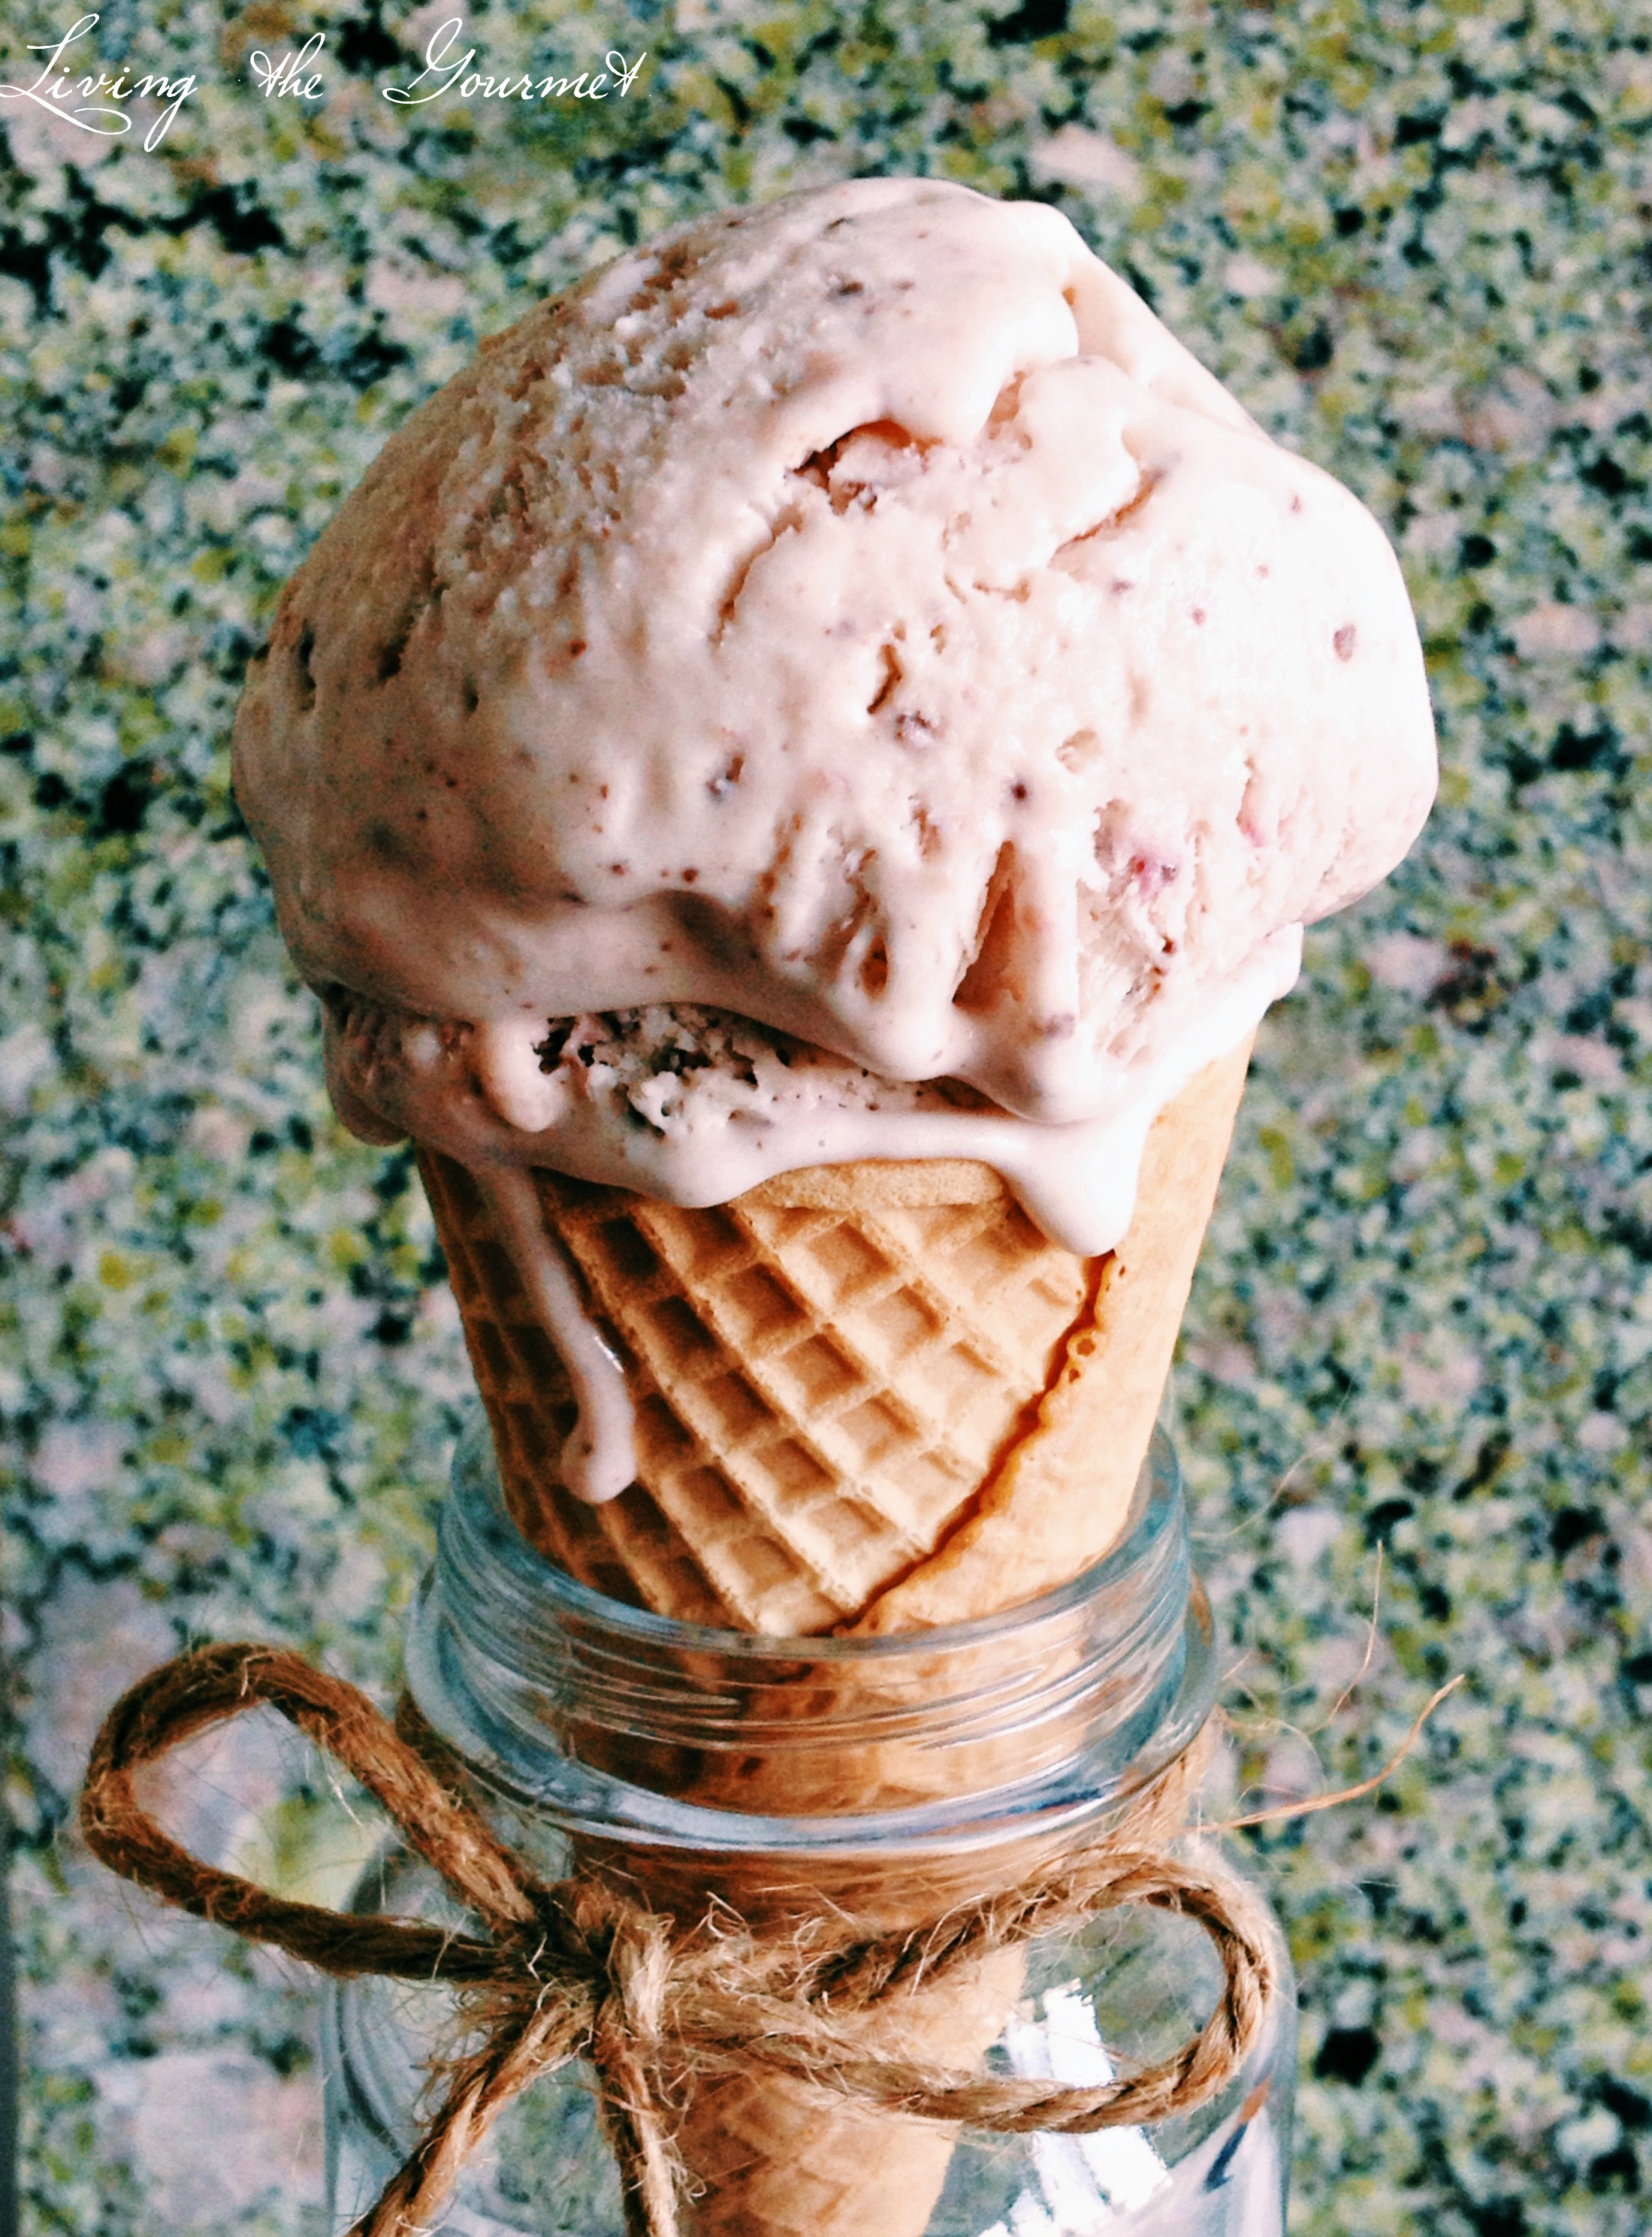 Strawberry & Chocolate Ice Cream {No-Churn}